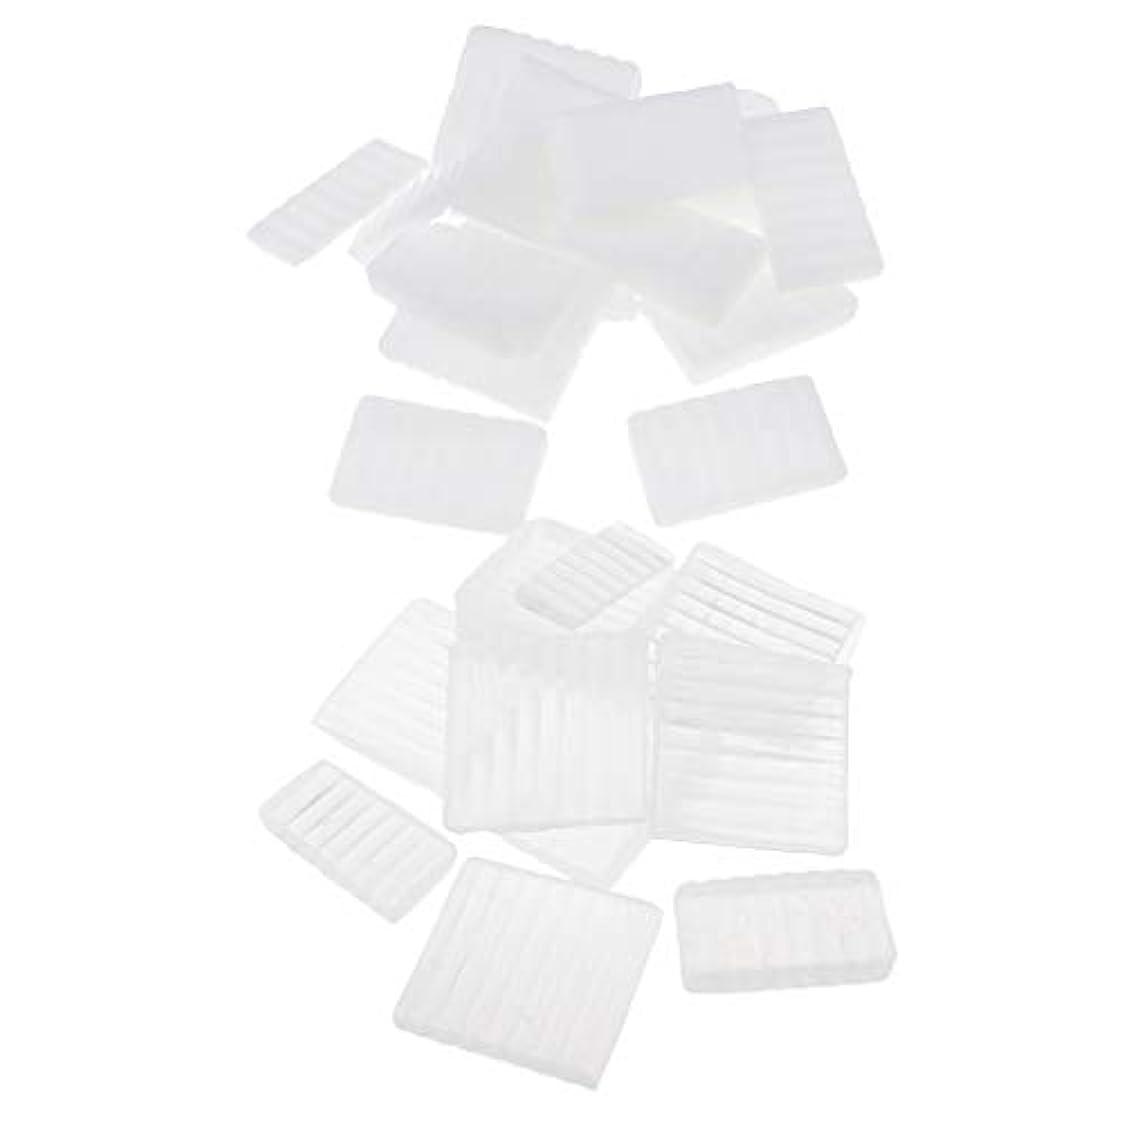 ブラウス合計拮抗するソープベース 石鹸作り 手作りソープ素材 石けん 石鹸素地 作り ソープ 手作り